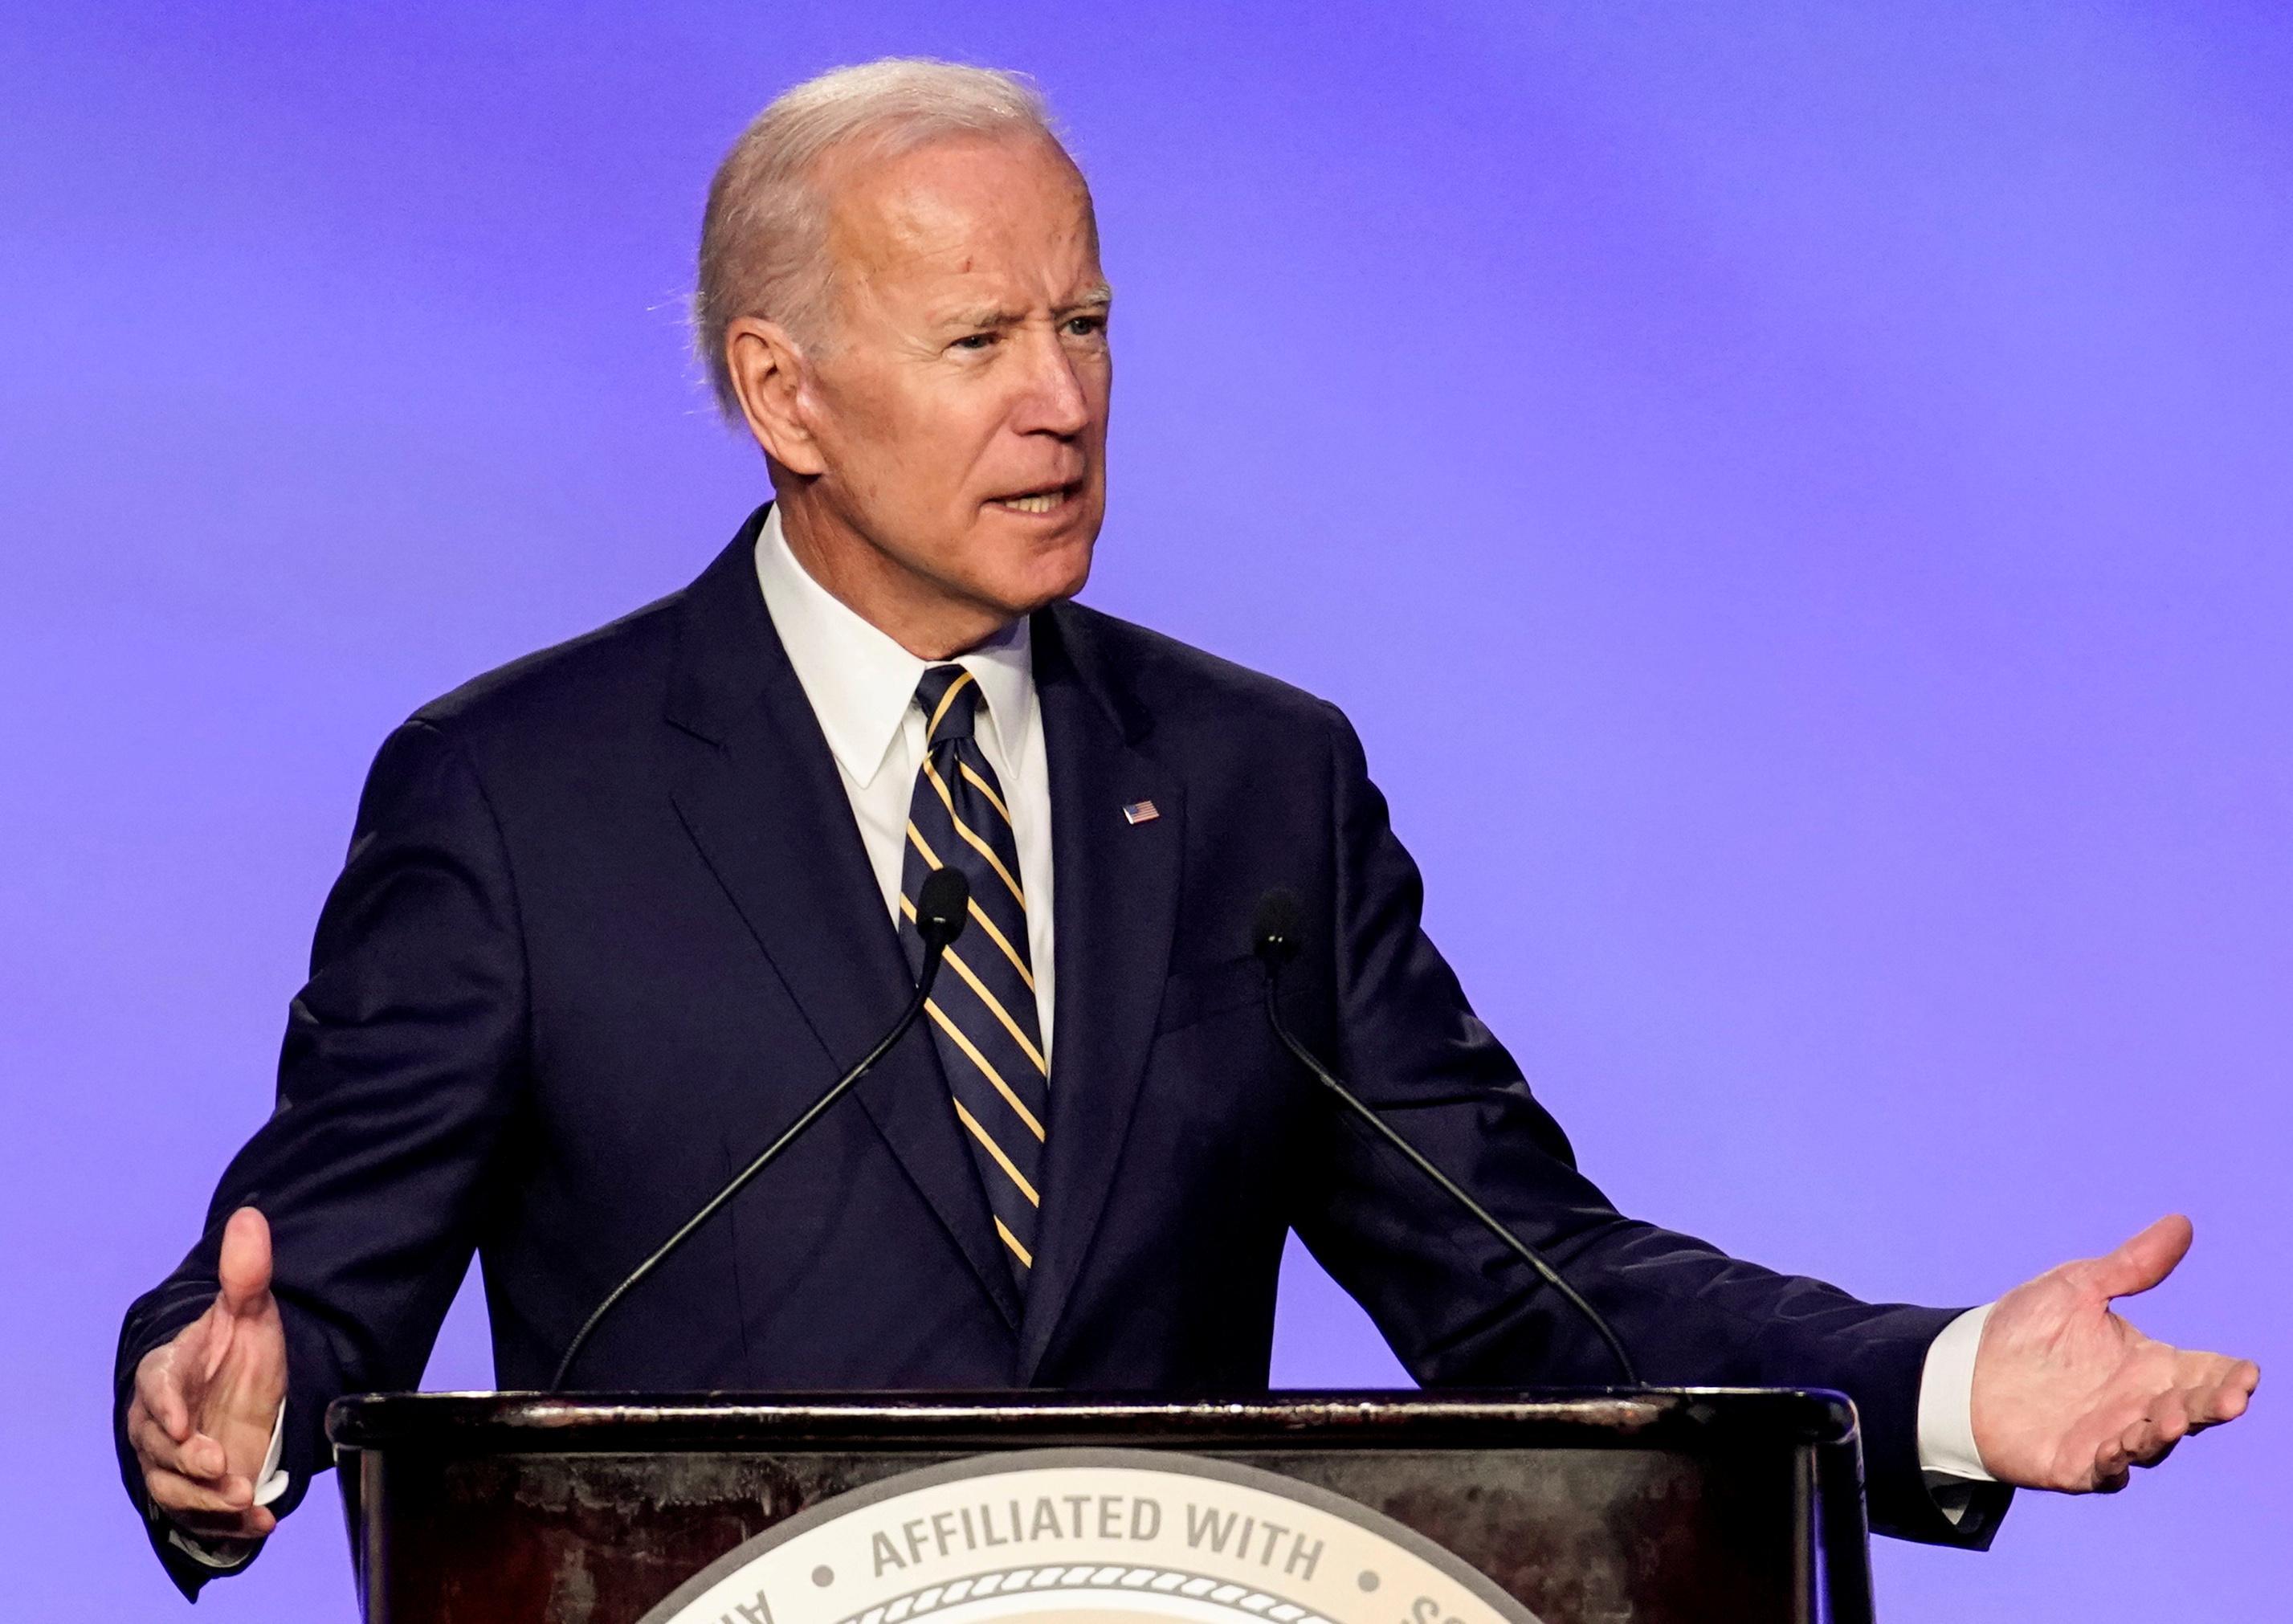 Le candidat Biden a déclaré que la politique étrangère de Trump avait porté atteinte à la réputation de l'Amérique